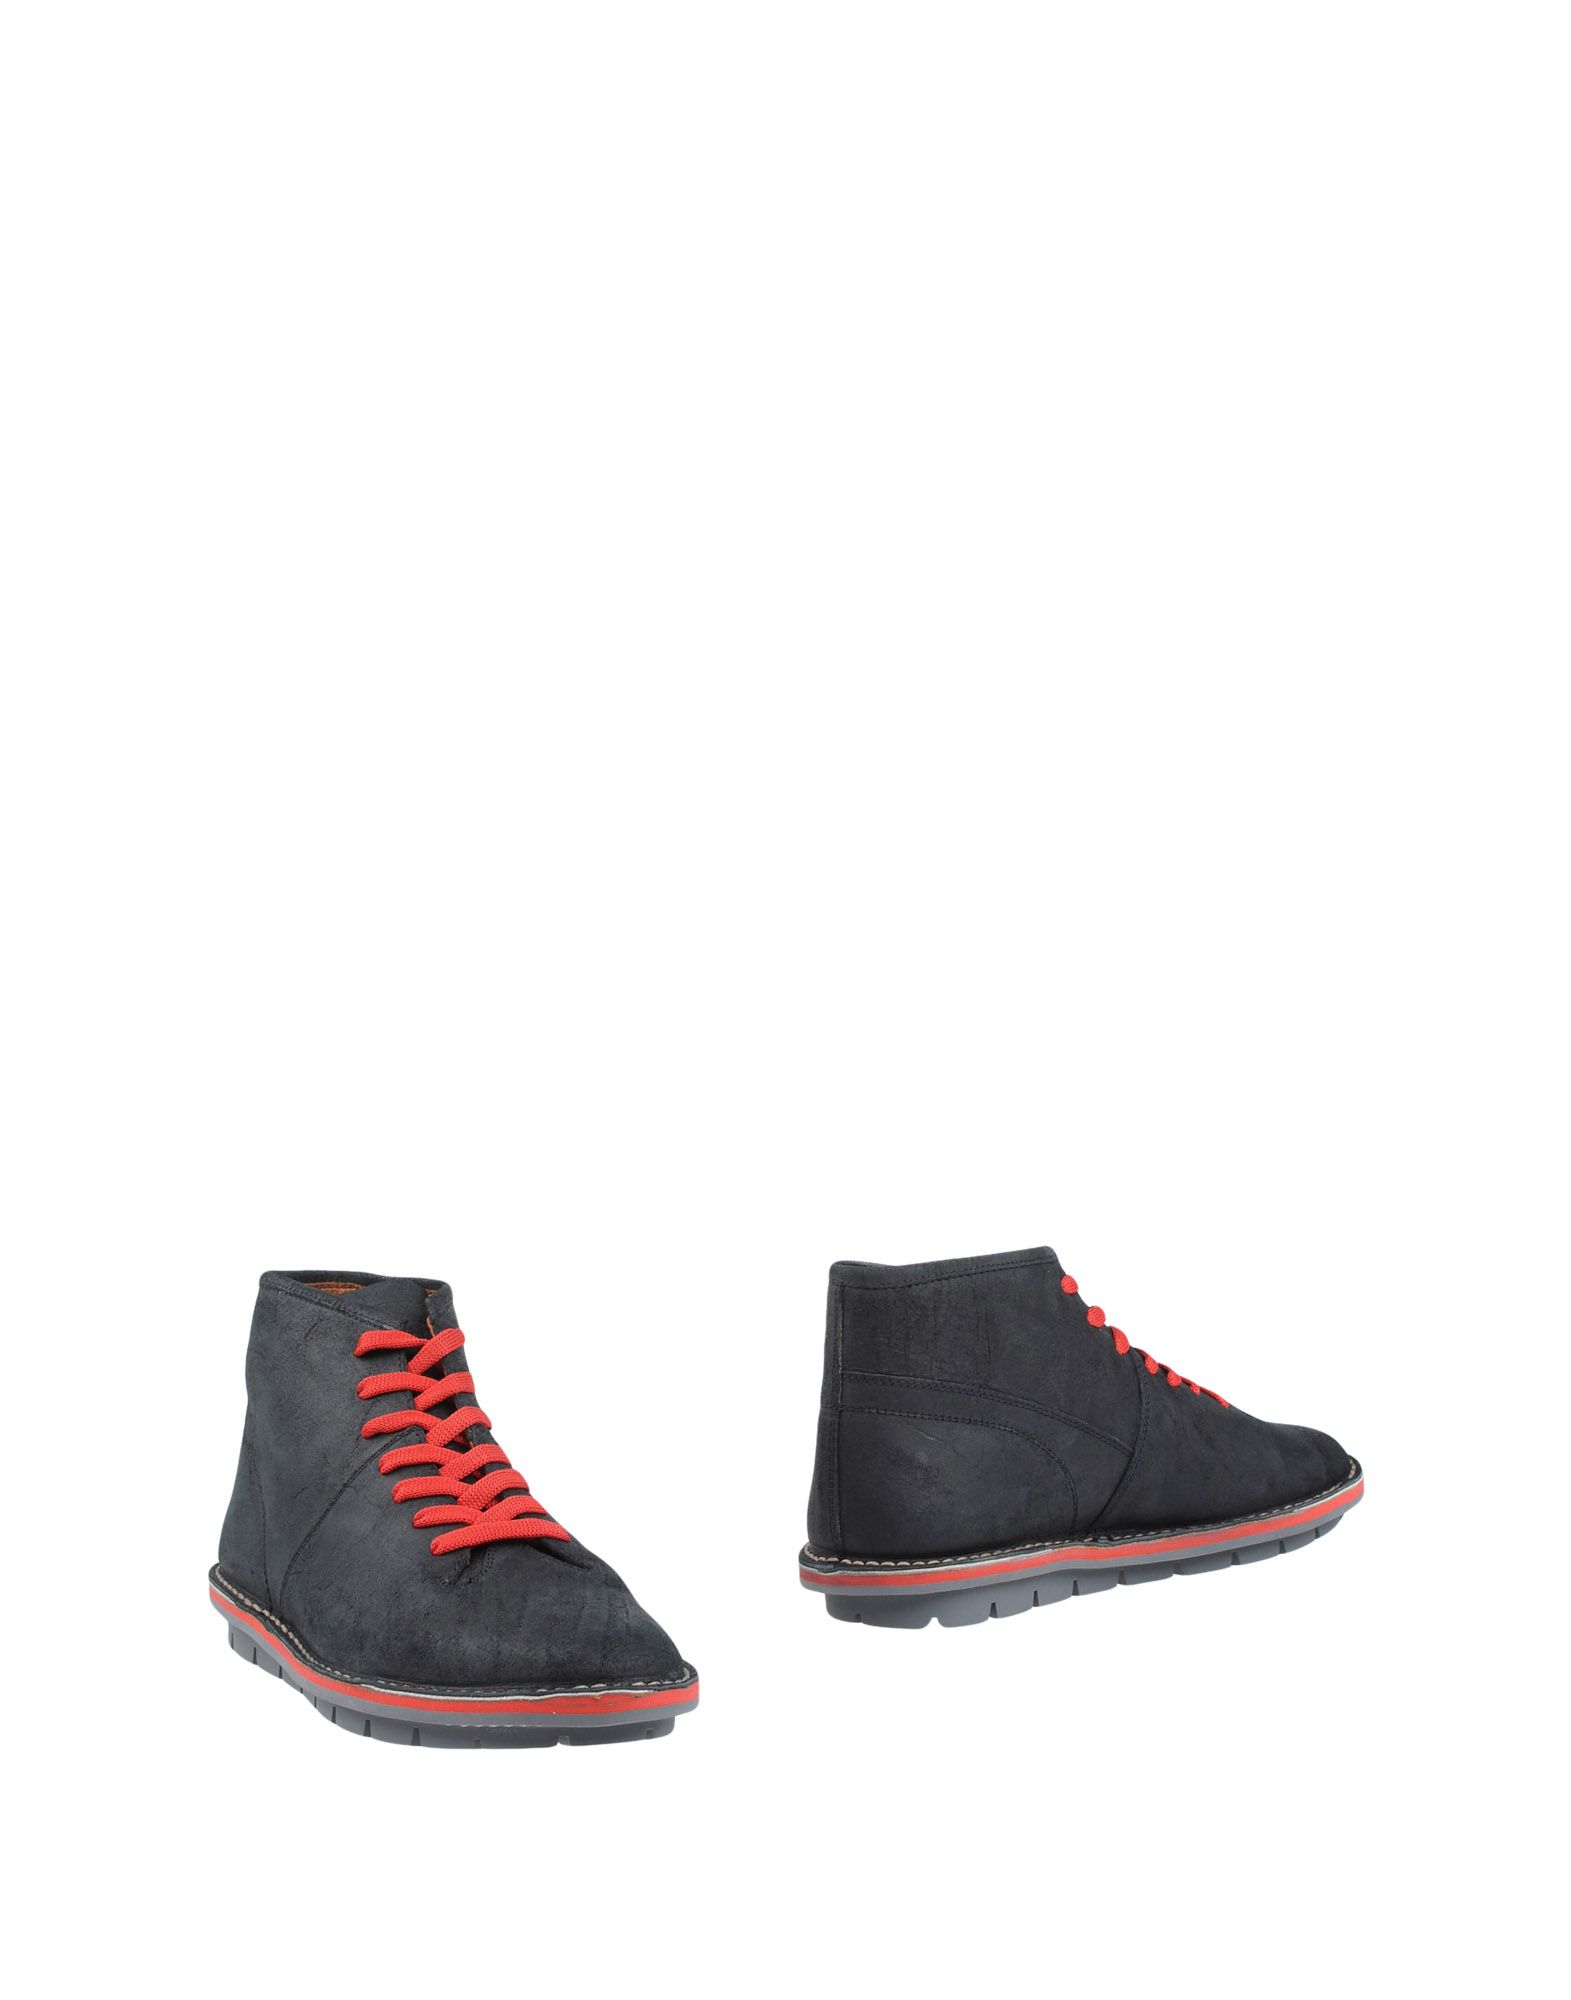 LEREWS Полусапоги и высокие ботинки цены онлайн